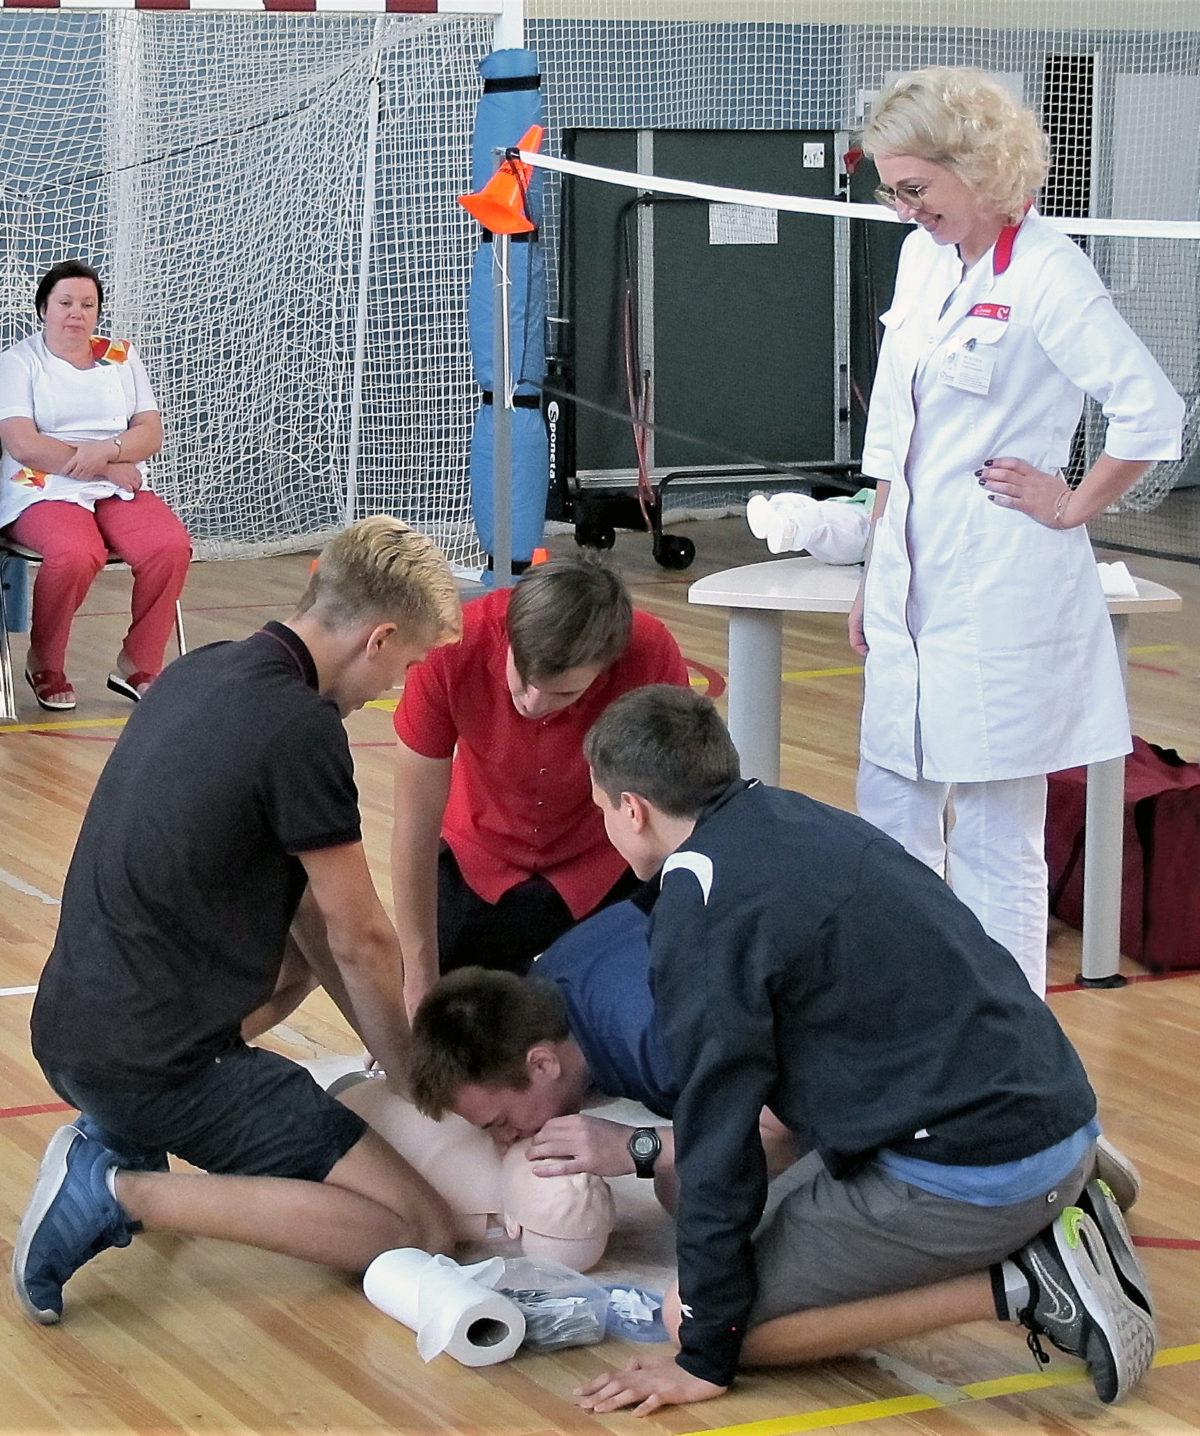 Врачи «Олимпа Здоровья» показали школьникам из «Репного», как оказать первую медицинскую помощь